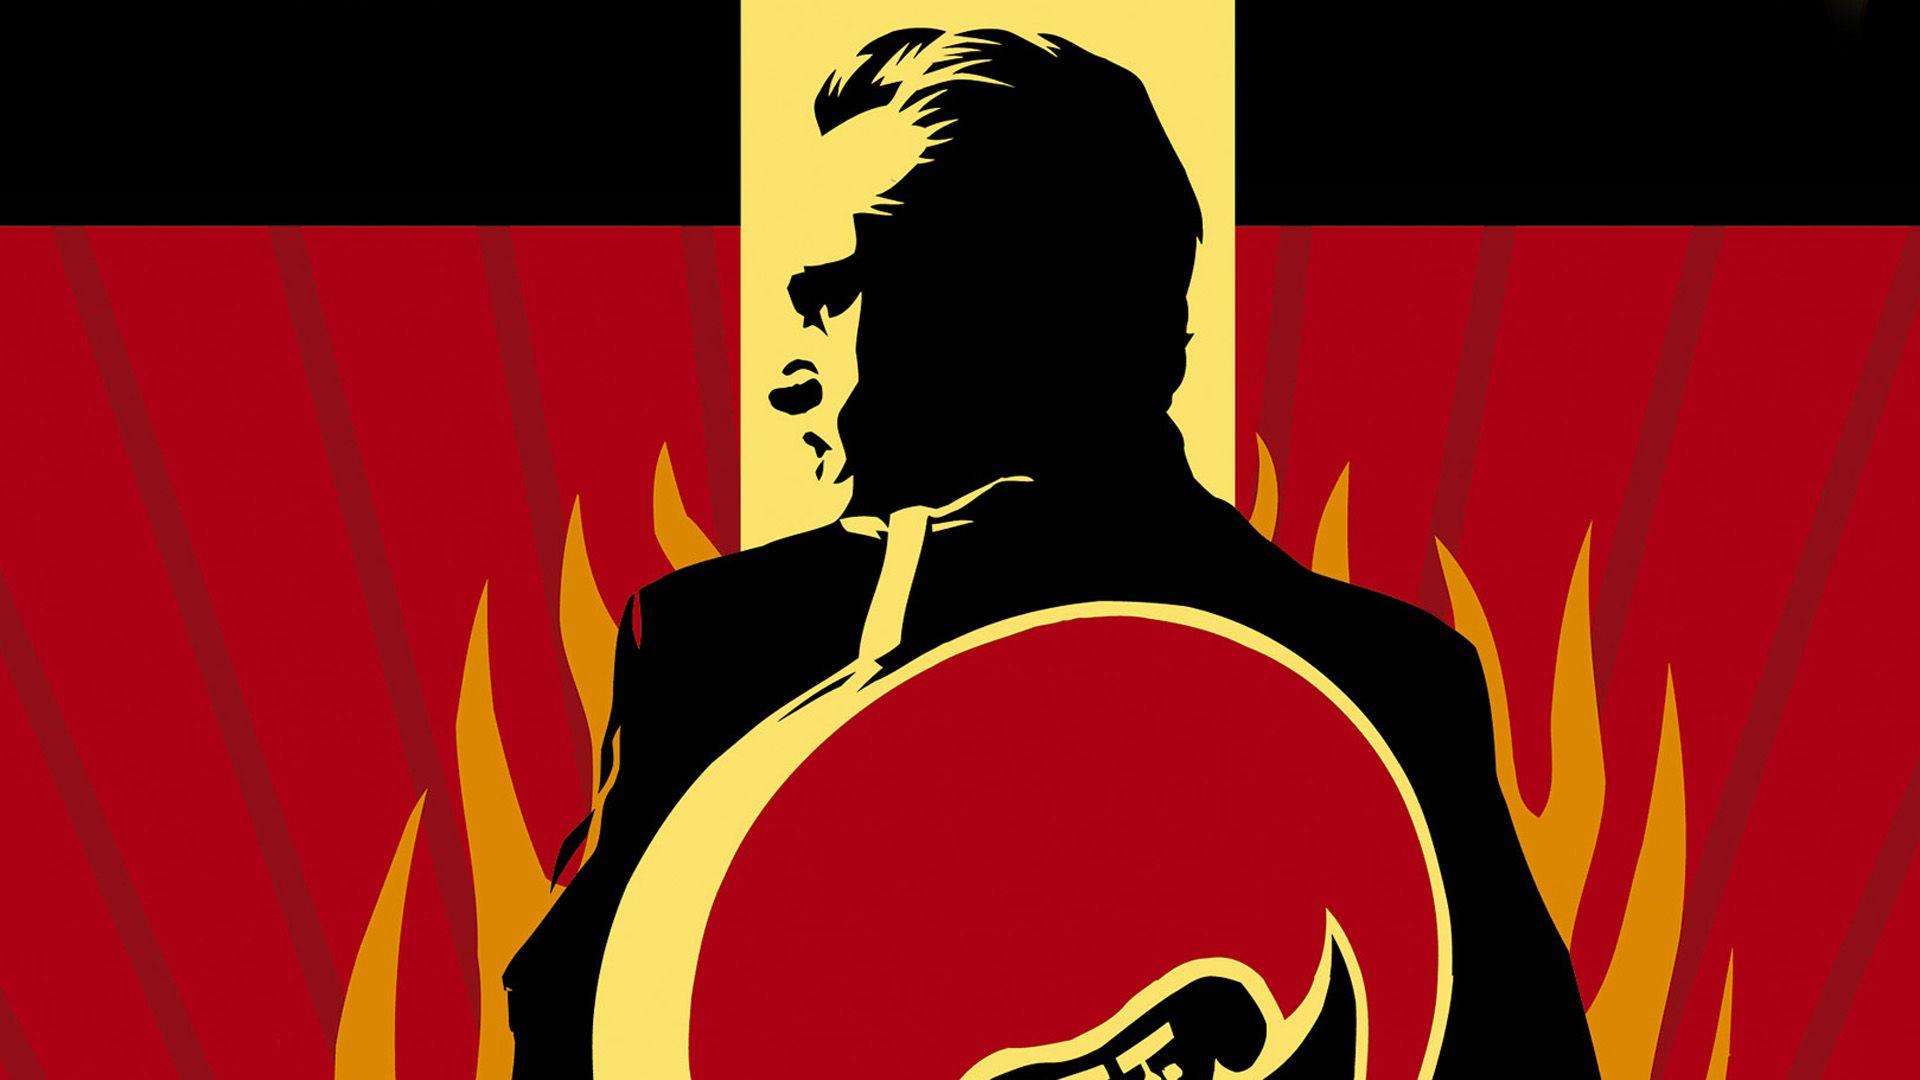 Union films filmography johnny cash - Cash wallpaper ...